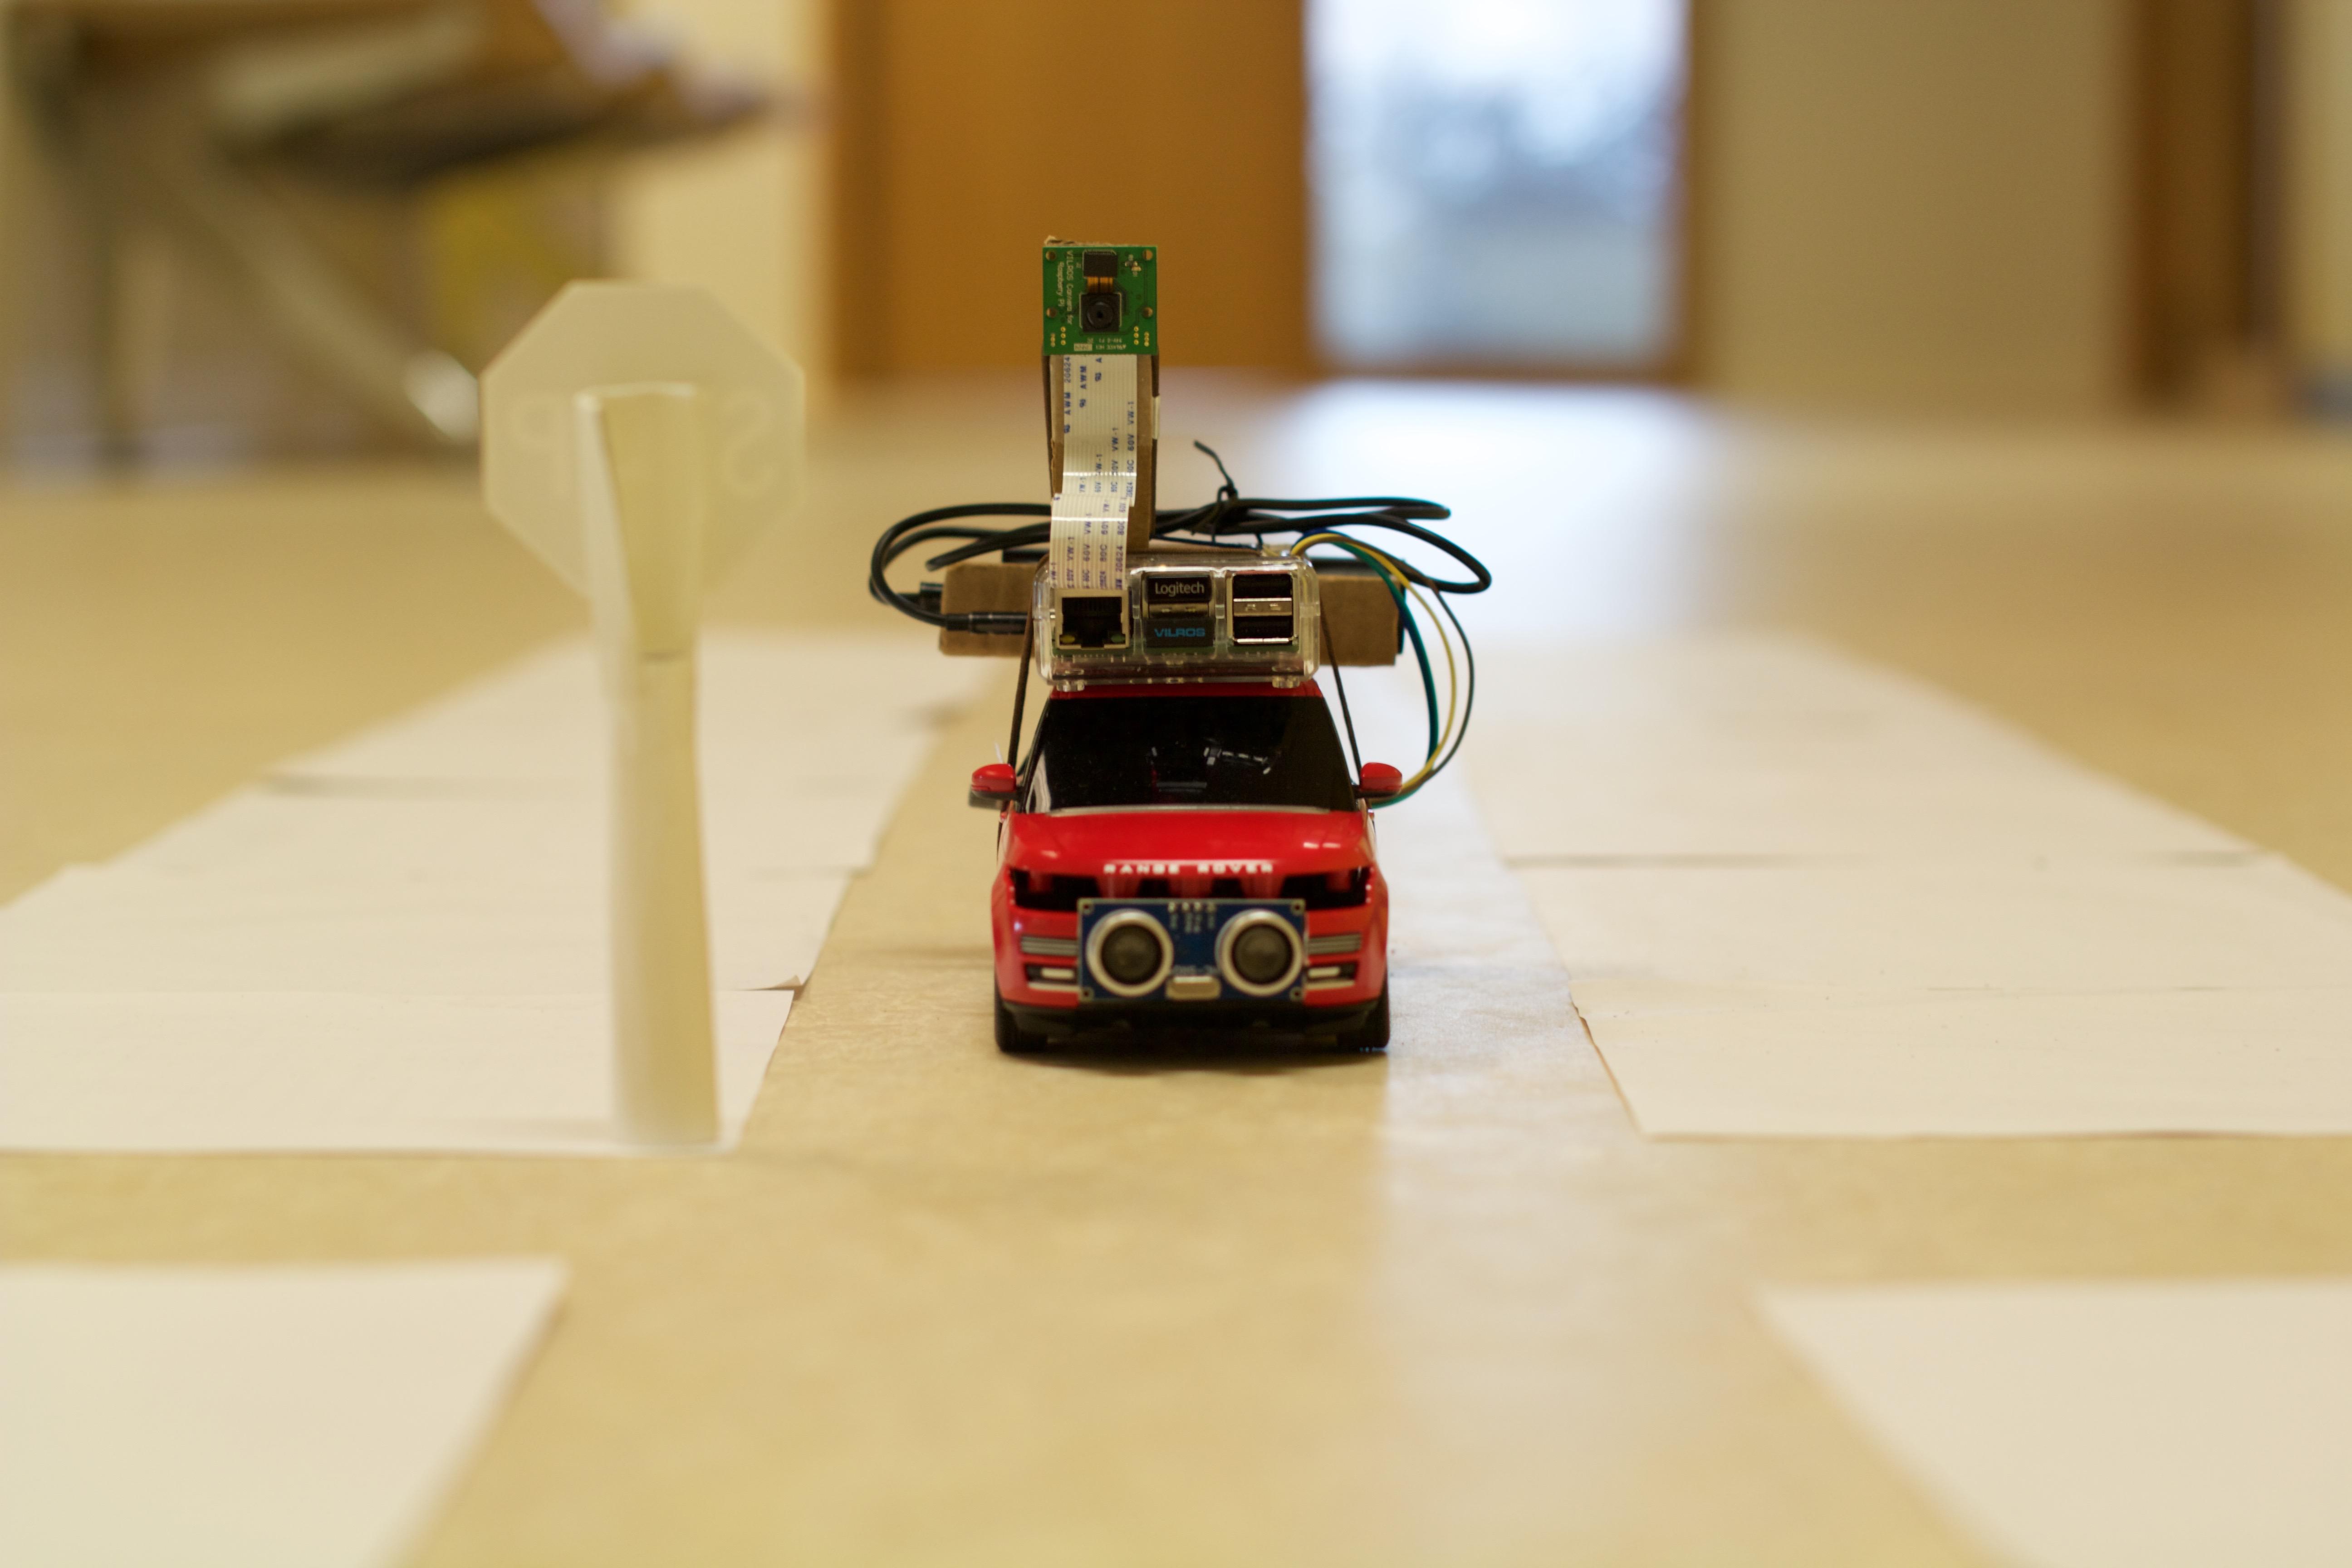 Self driving rc car zheng wang